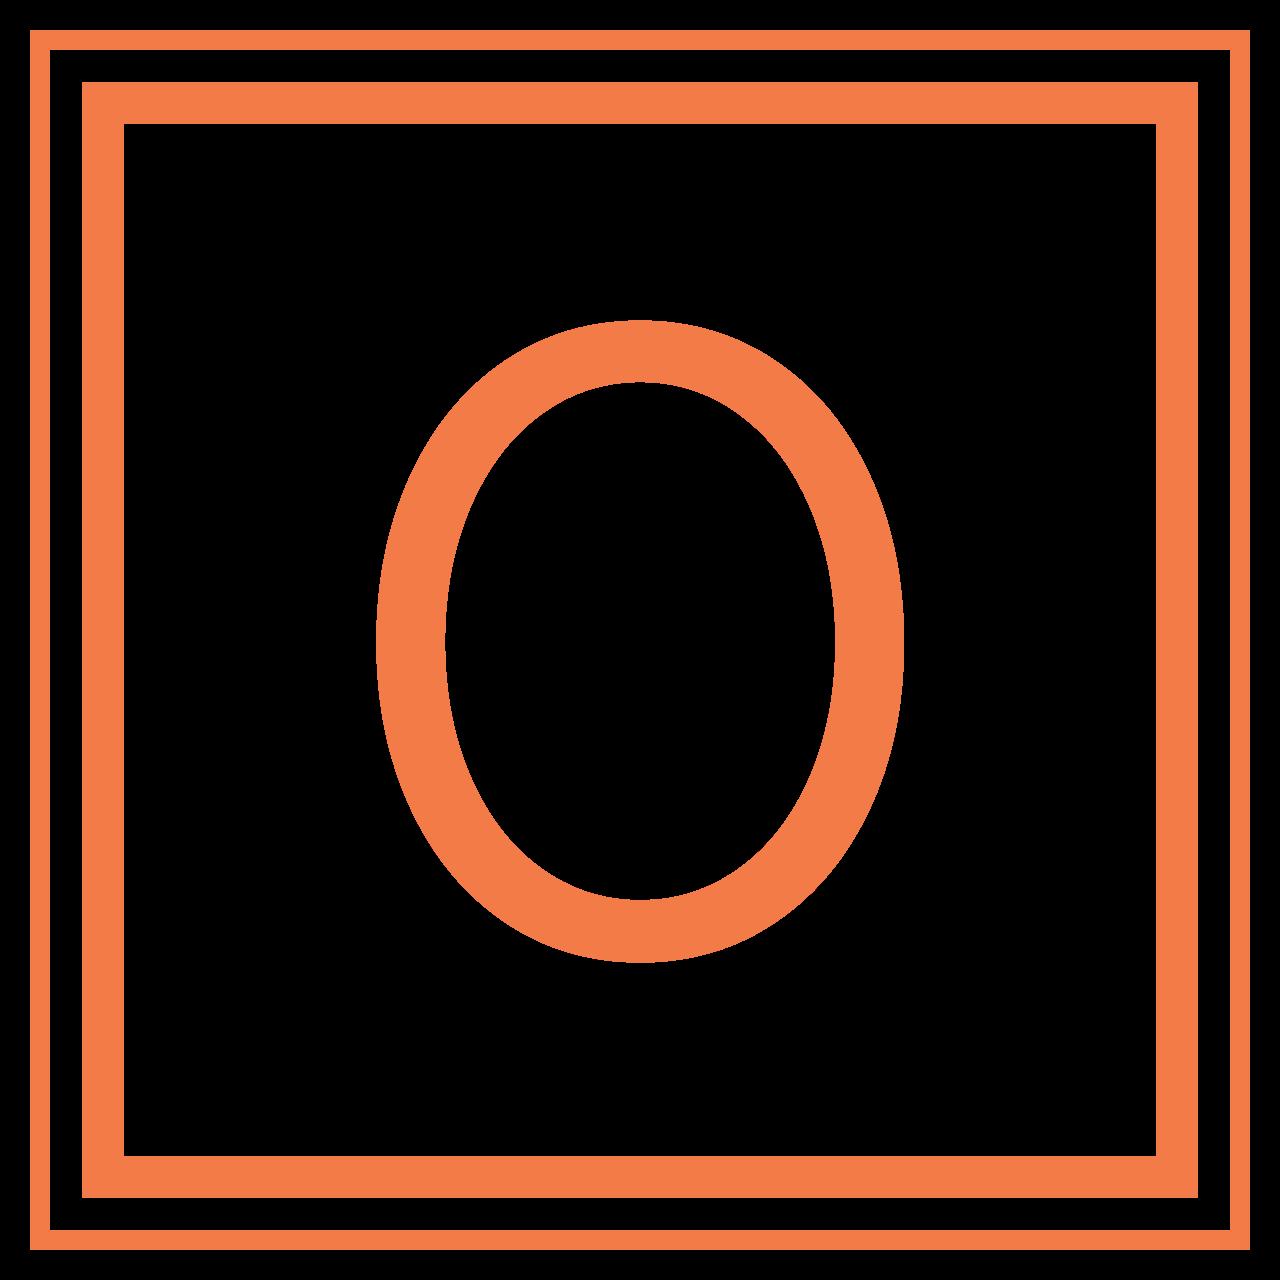 logo onlinemacher 1280